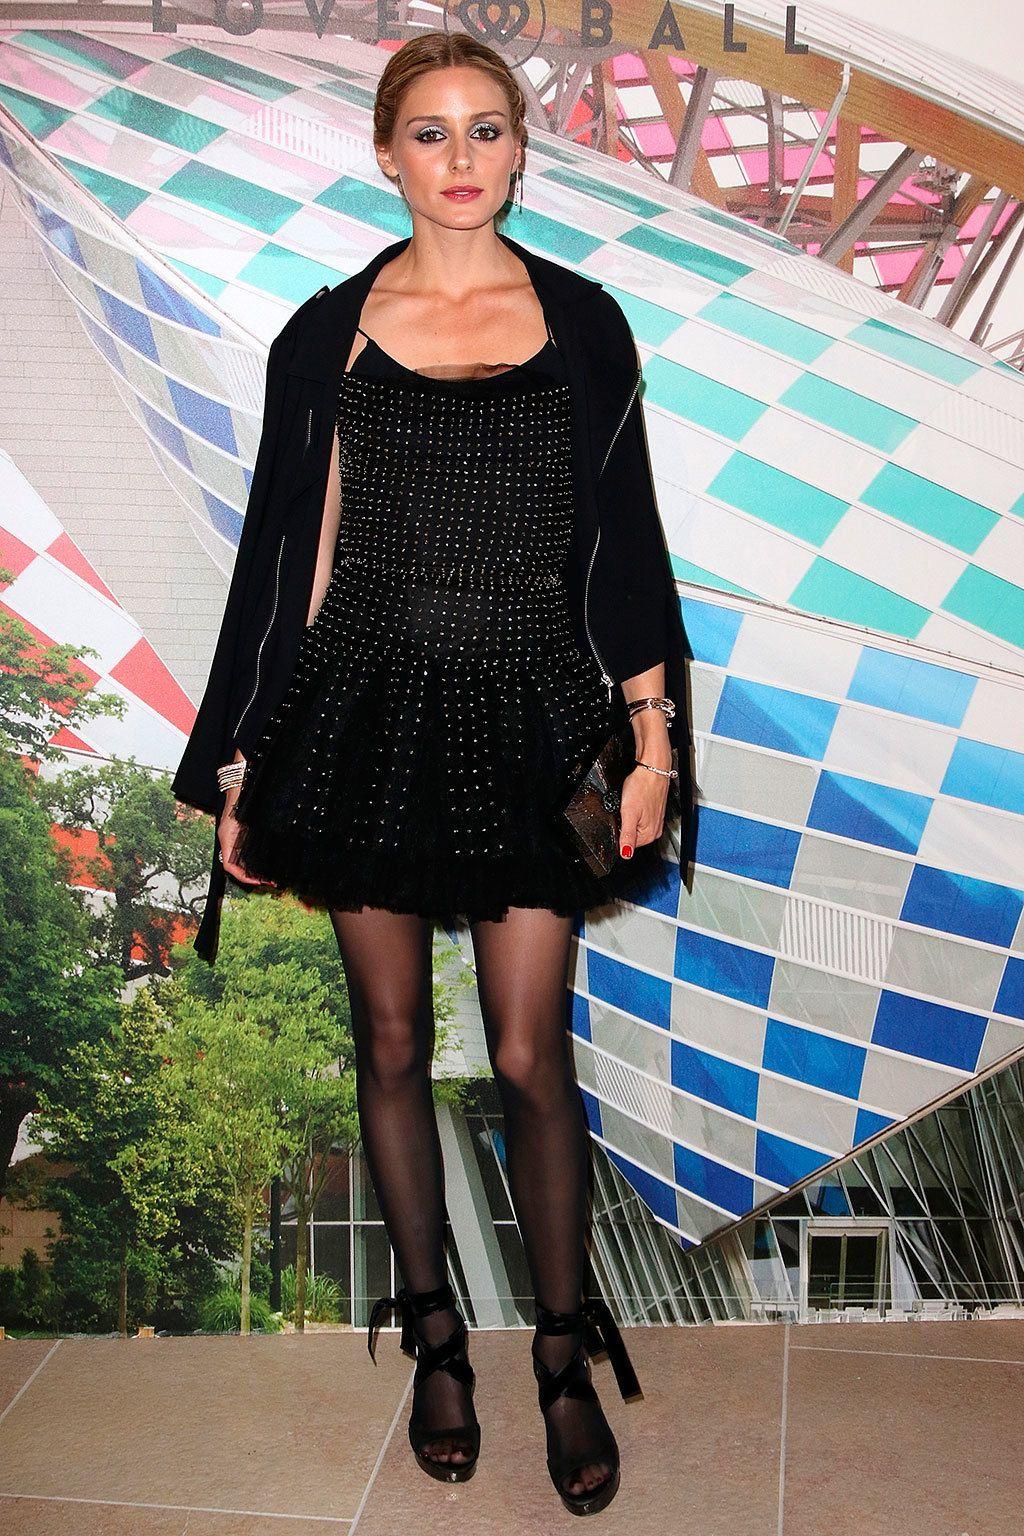 <p>Para asistir a la gala benéfica <strong>Love Ball</strong>, <strong>Olivia Palermo</strong> se decantó por un 'total black' compuesto por vestido mini con destellos, chaqueta, sandalias y medias.&nbsp&#x3B;</p>